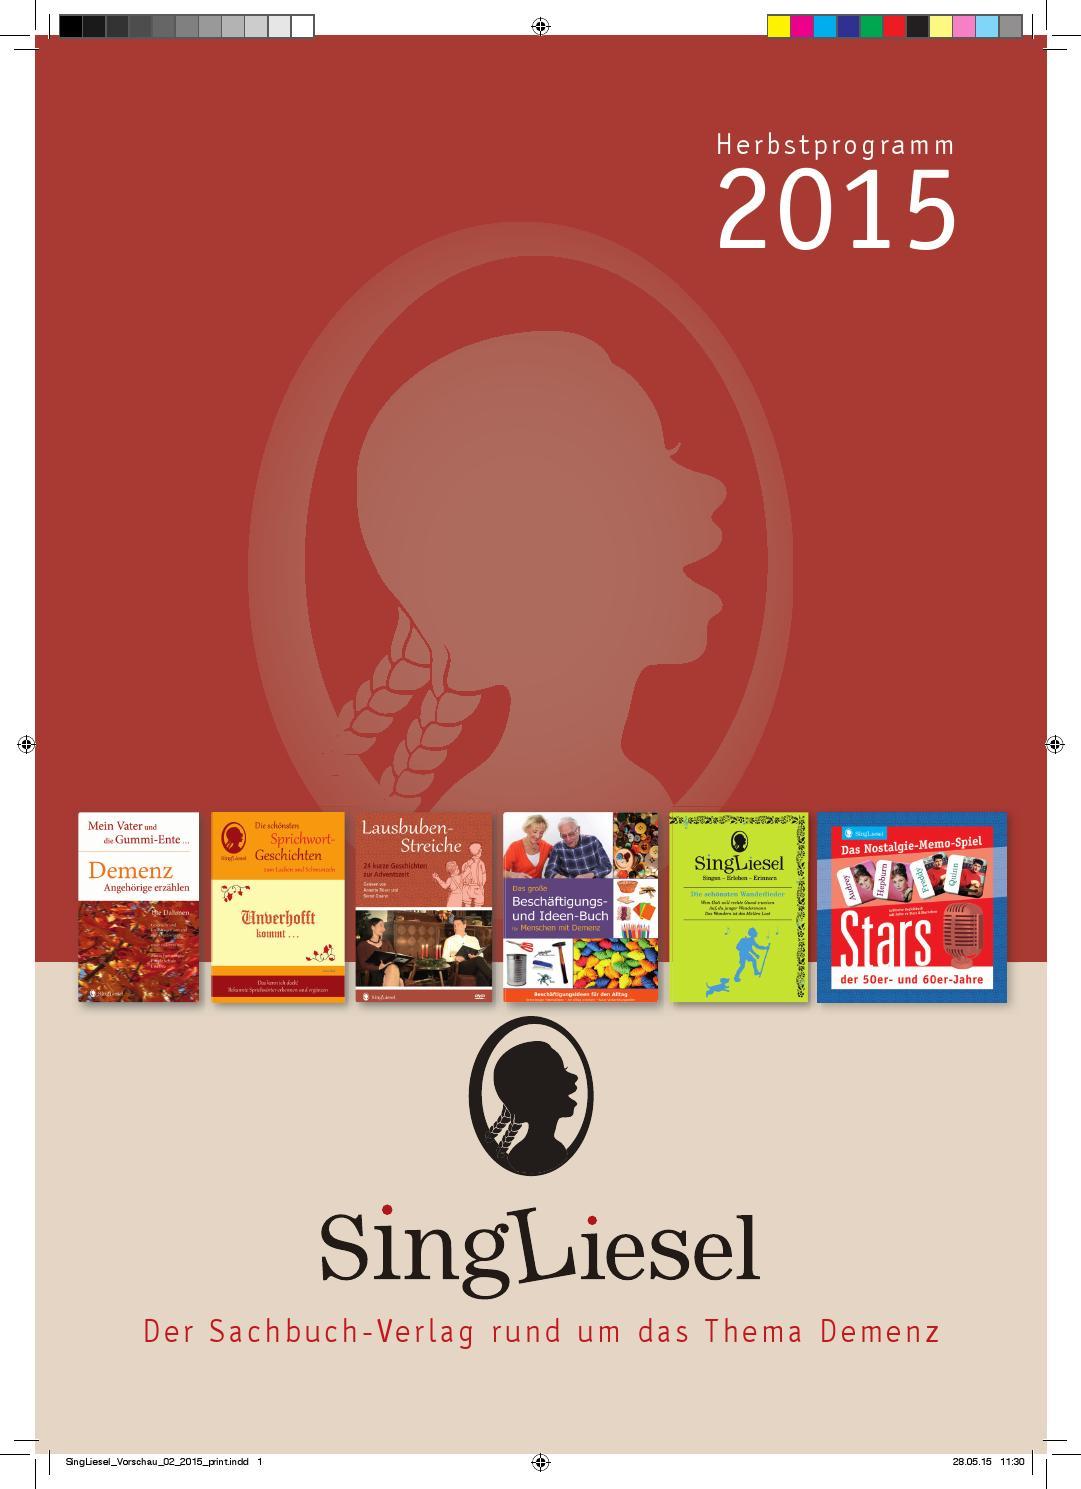 Singliesel vorschau herbst 2015 by SingLiesel - issuu